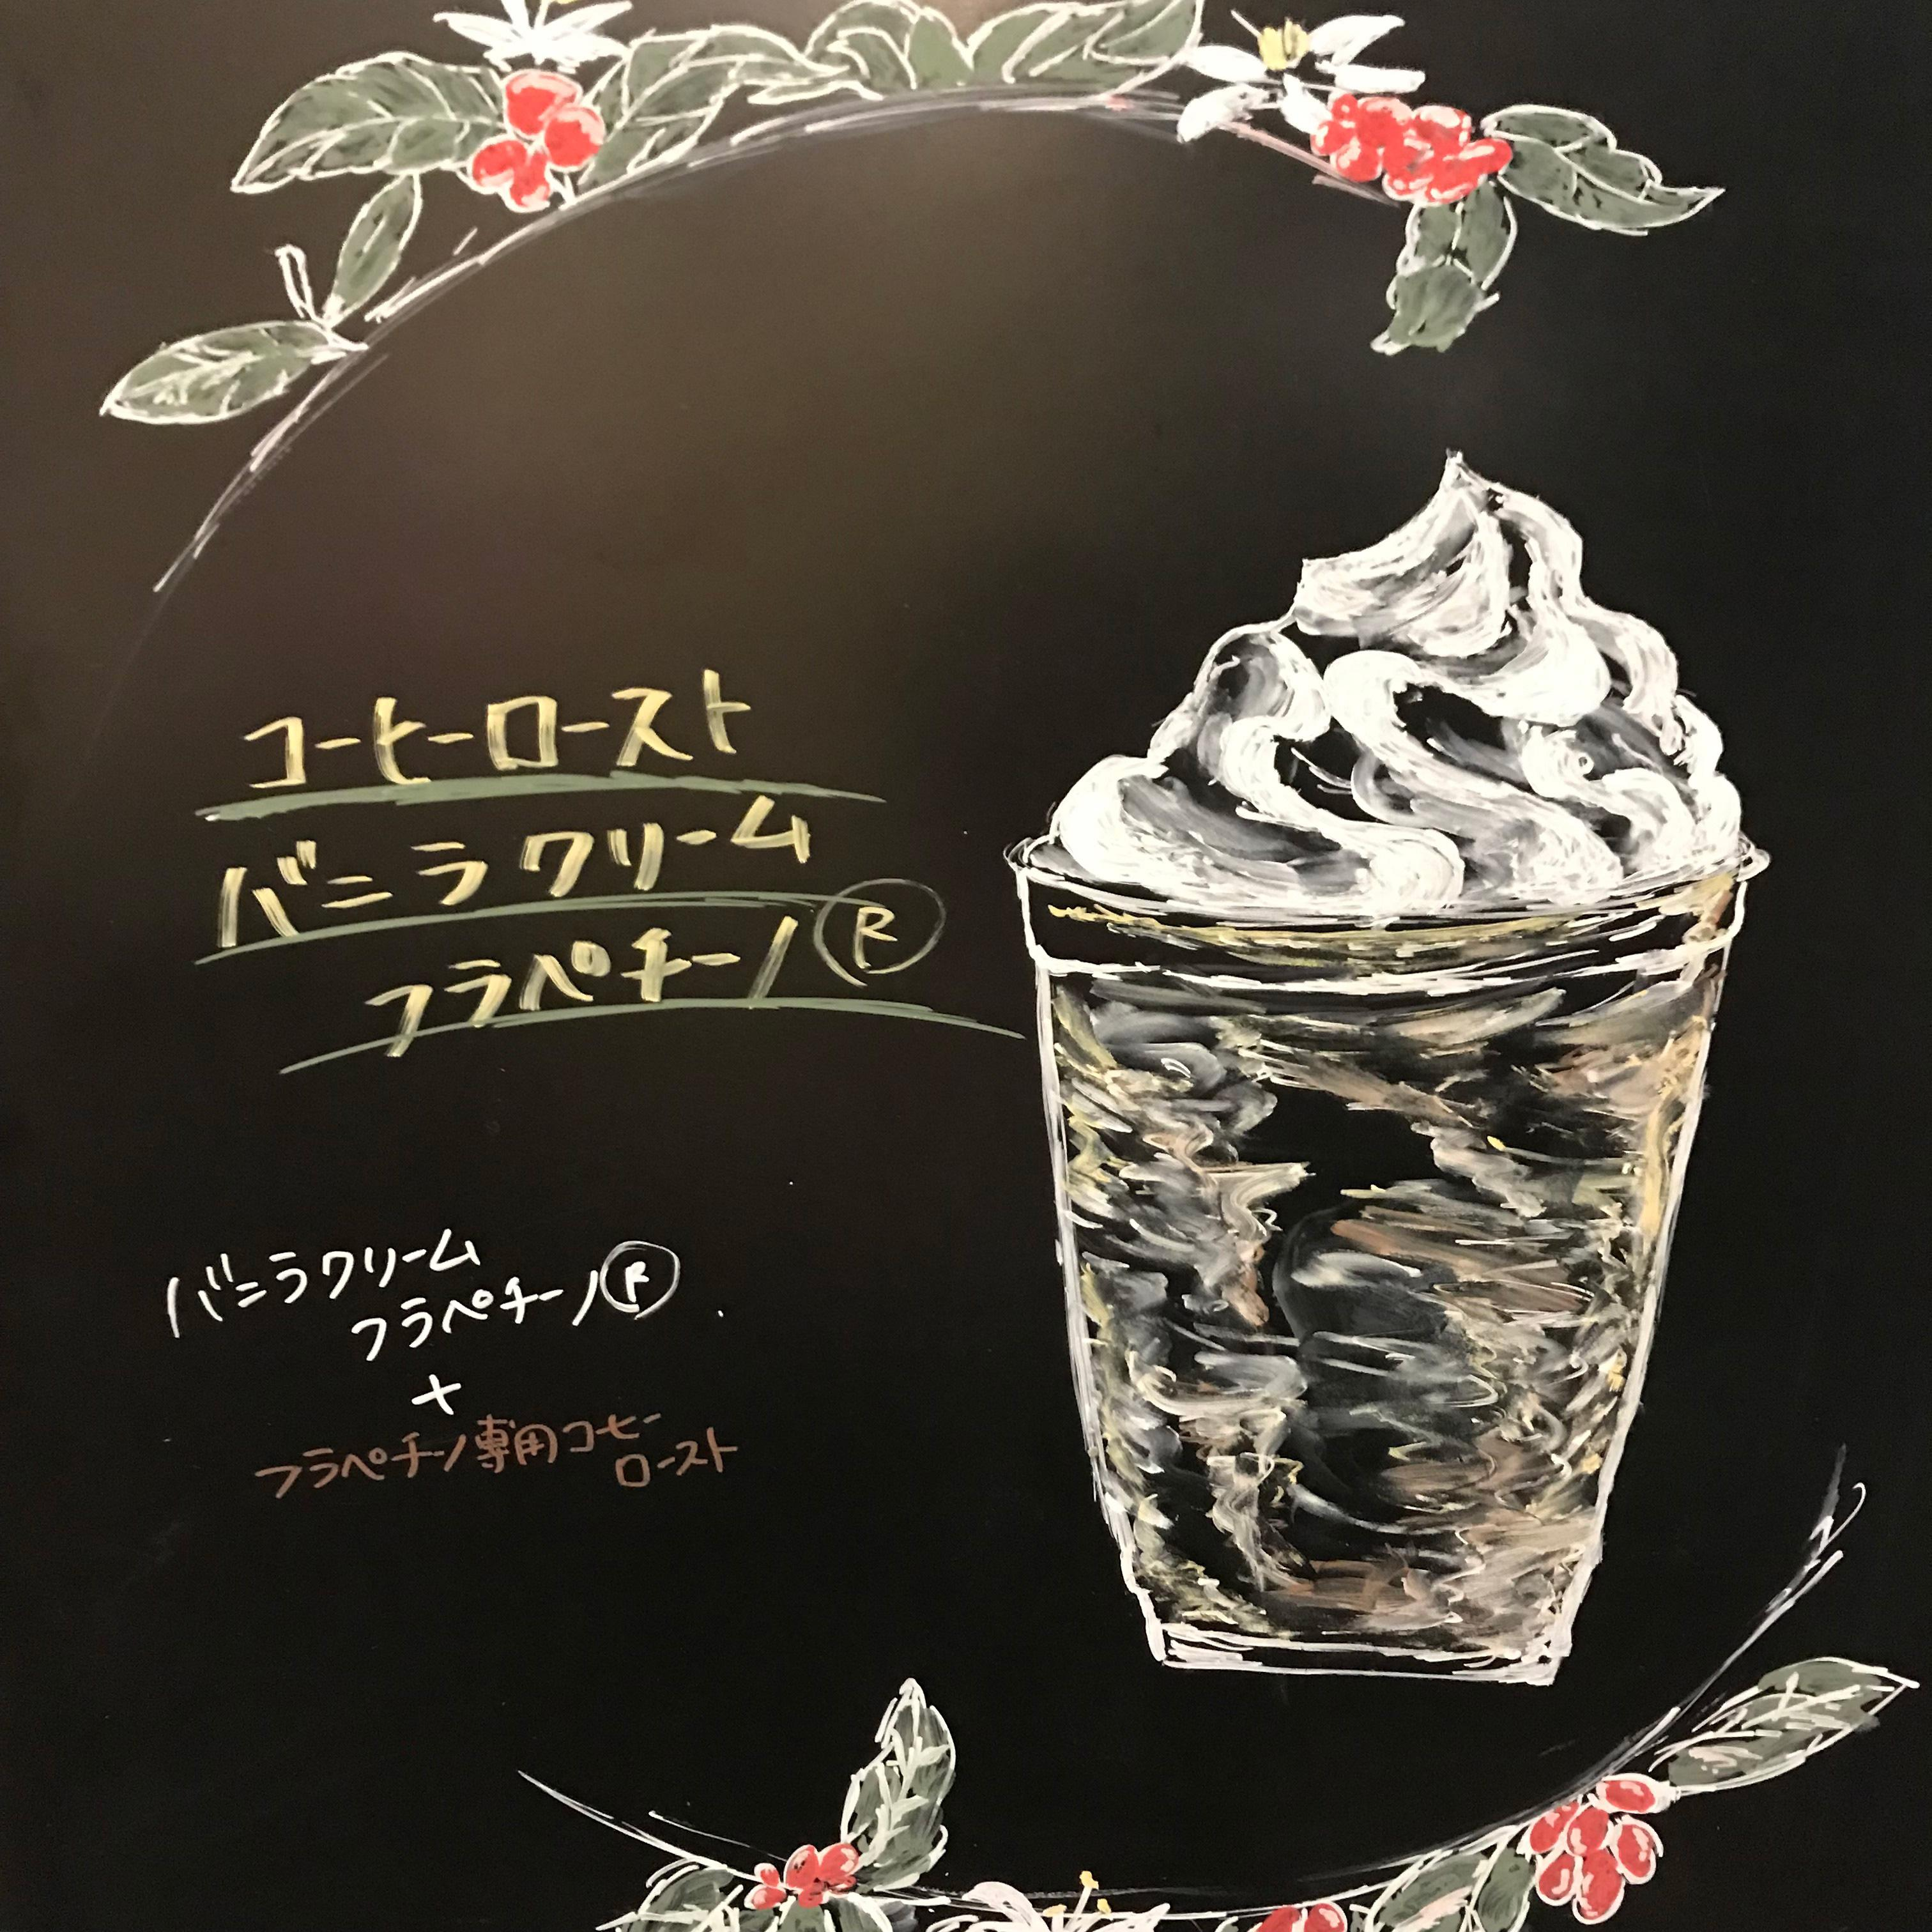 コーヒーロースト バニラ クリーム フラペチーノ®